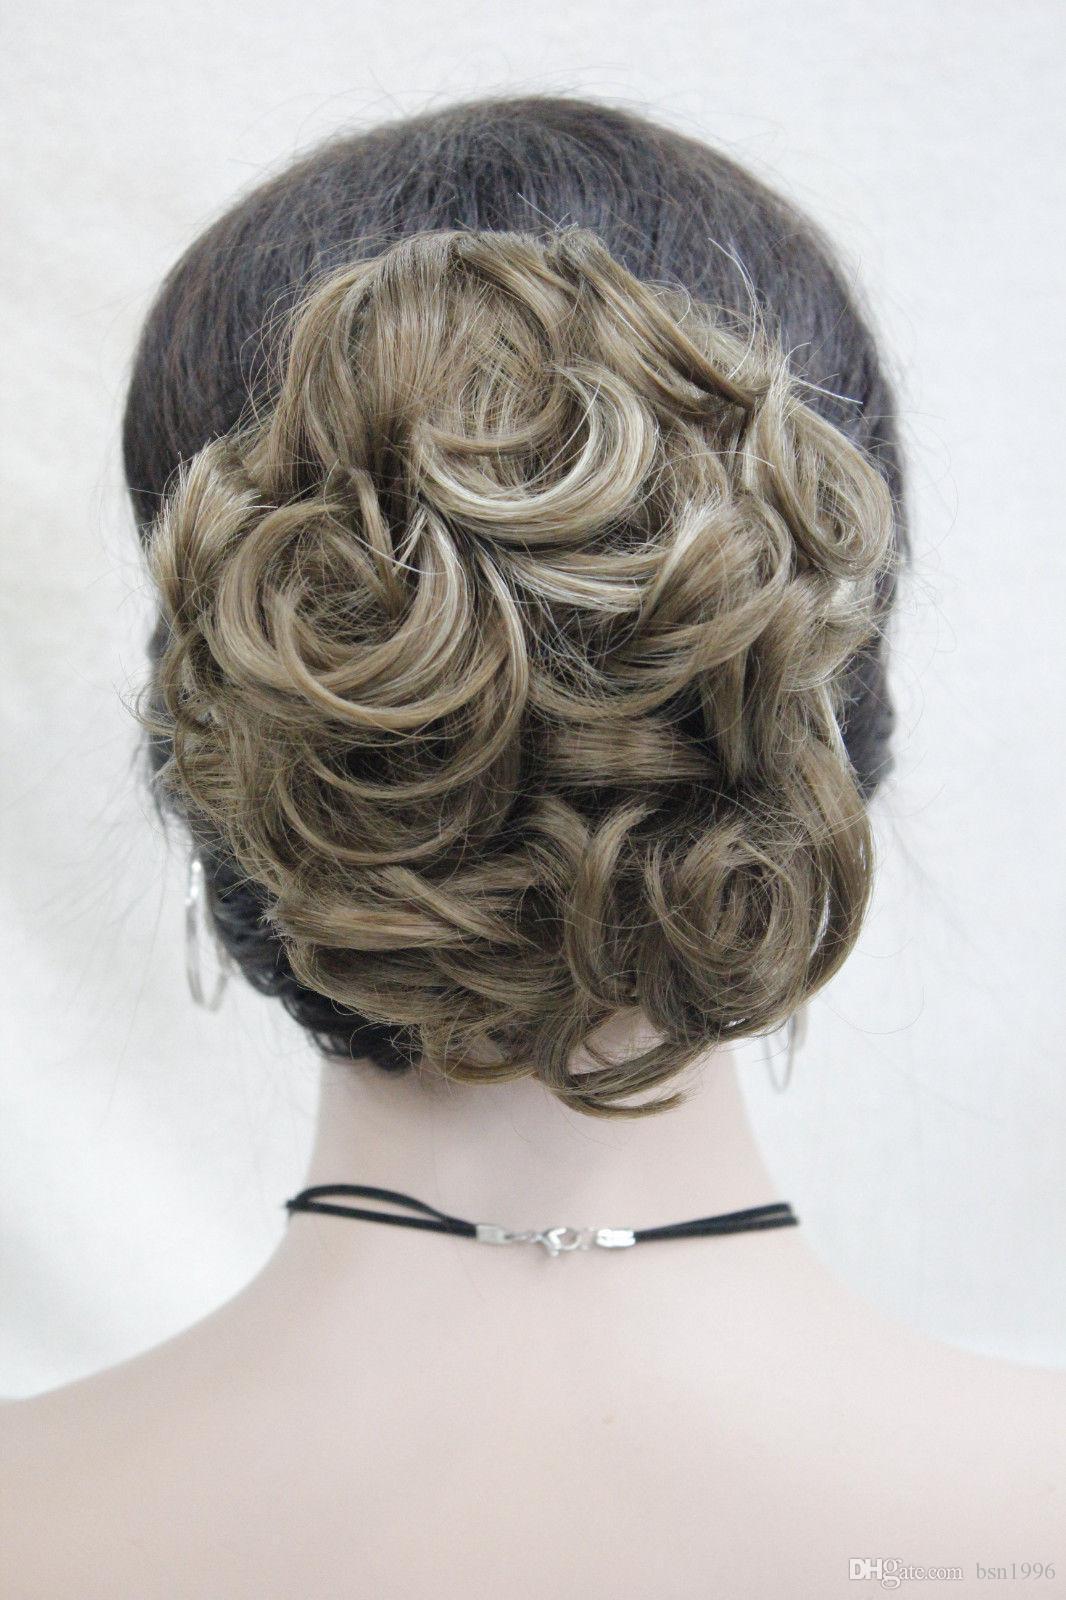 Envío libre hermosa moda Hivision corto sintético Ondulado pelo de la cola de caballo extensión Hairpiece 11 color select